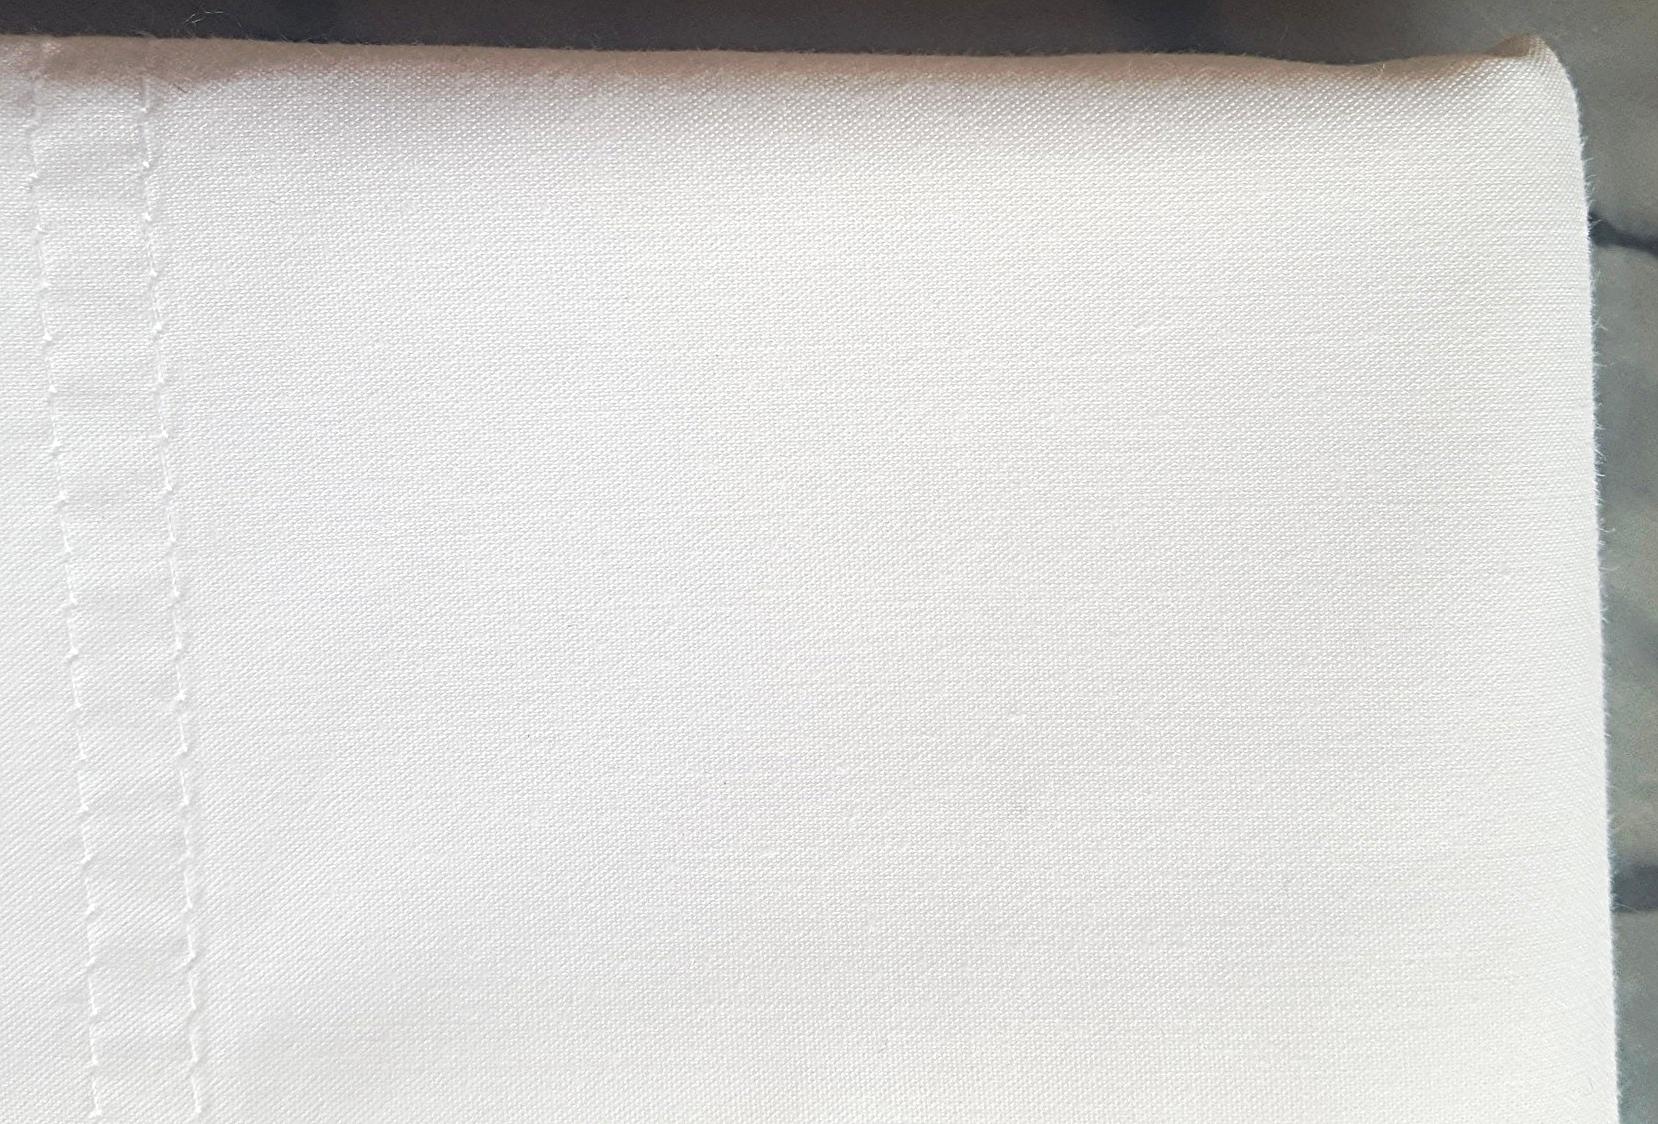 Polycotton Percale Pillowcase (note no creases)